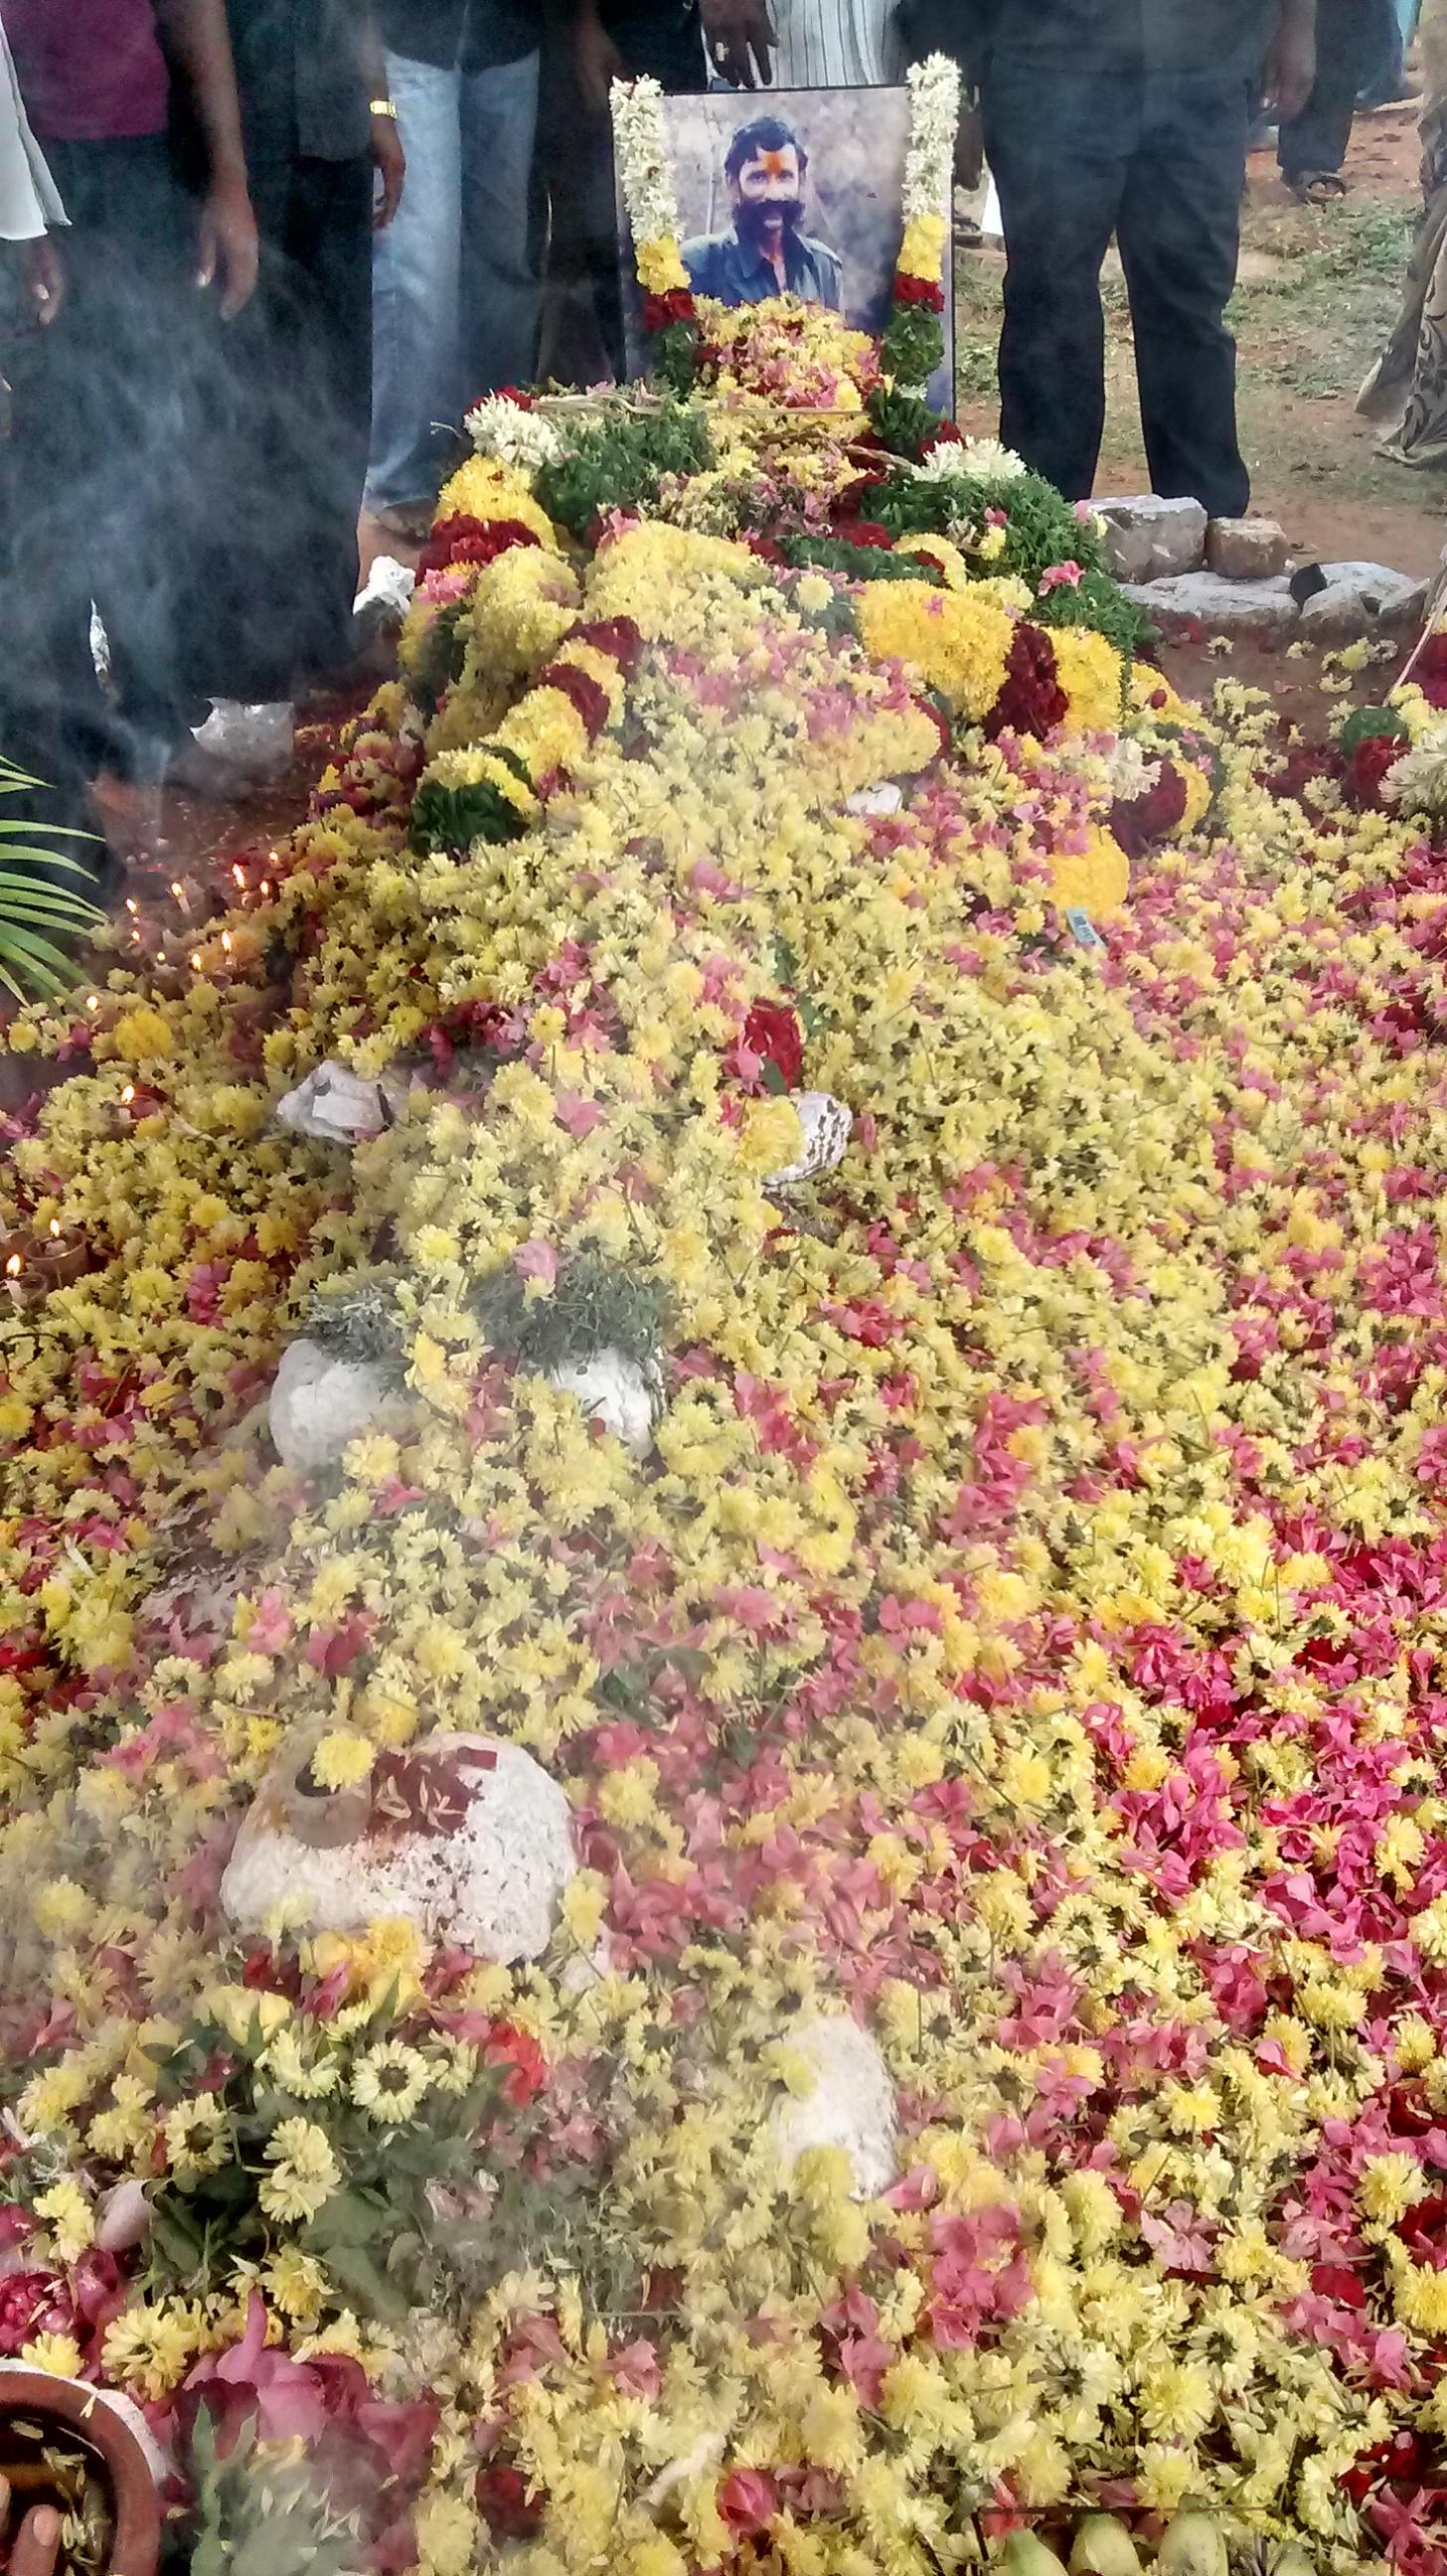 மாவீரன் வீரப்பனாருக்கு ஈரோடை மாவட்ட நாம் தமிழரின் வீரவணக்க நிகழ்வு 18/10/2014 அன்று காரிக்கிழமை நடைபெற்றது.